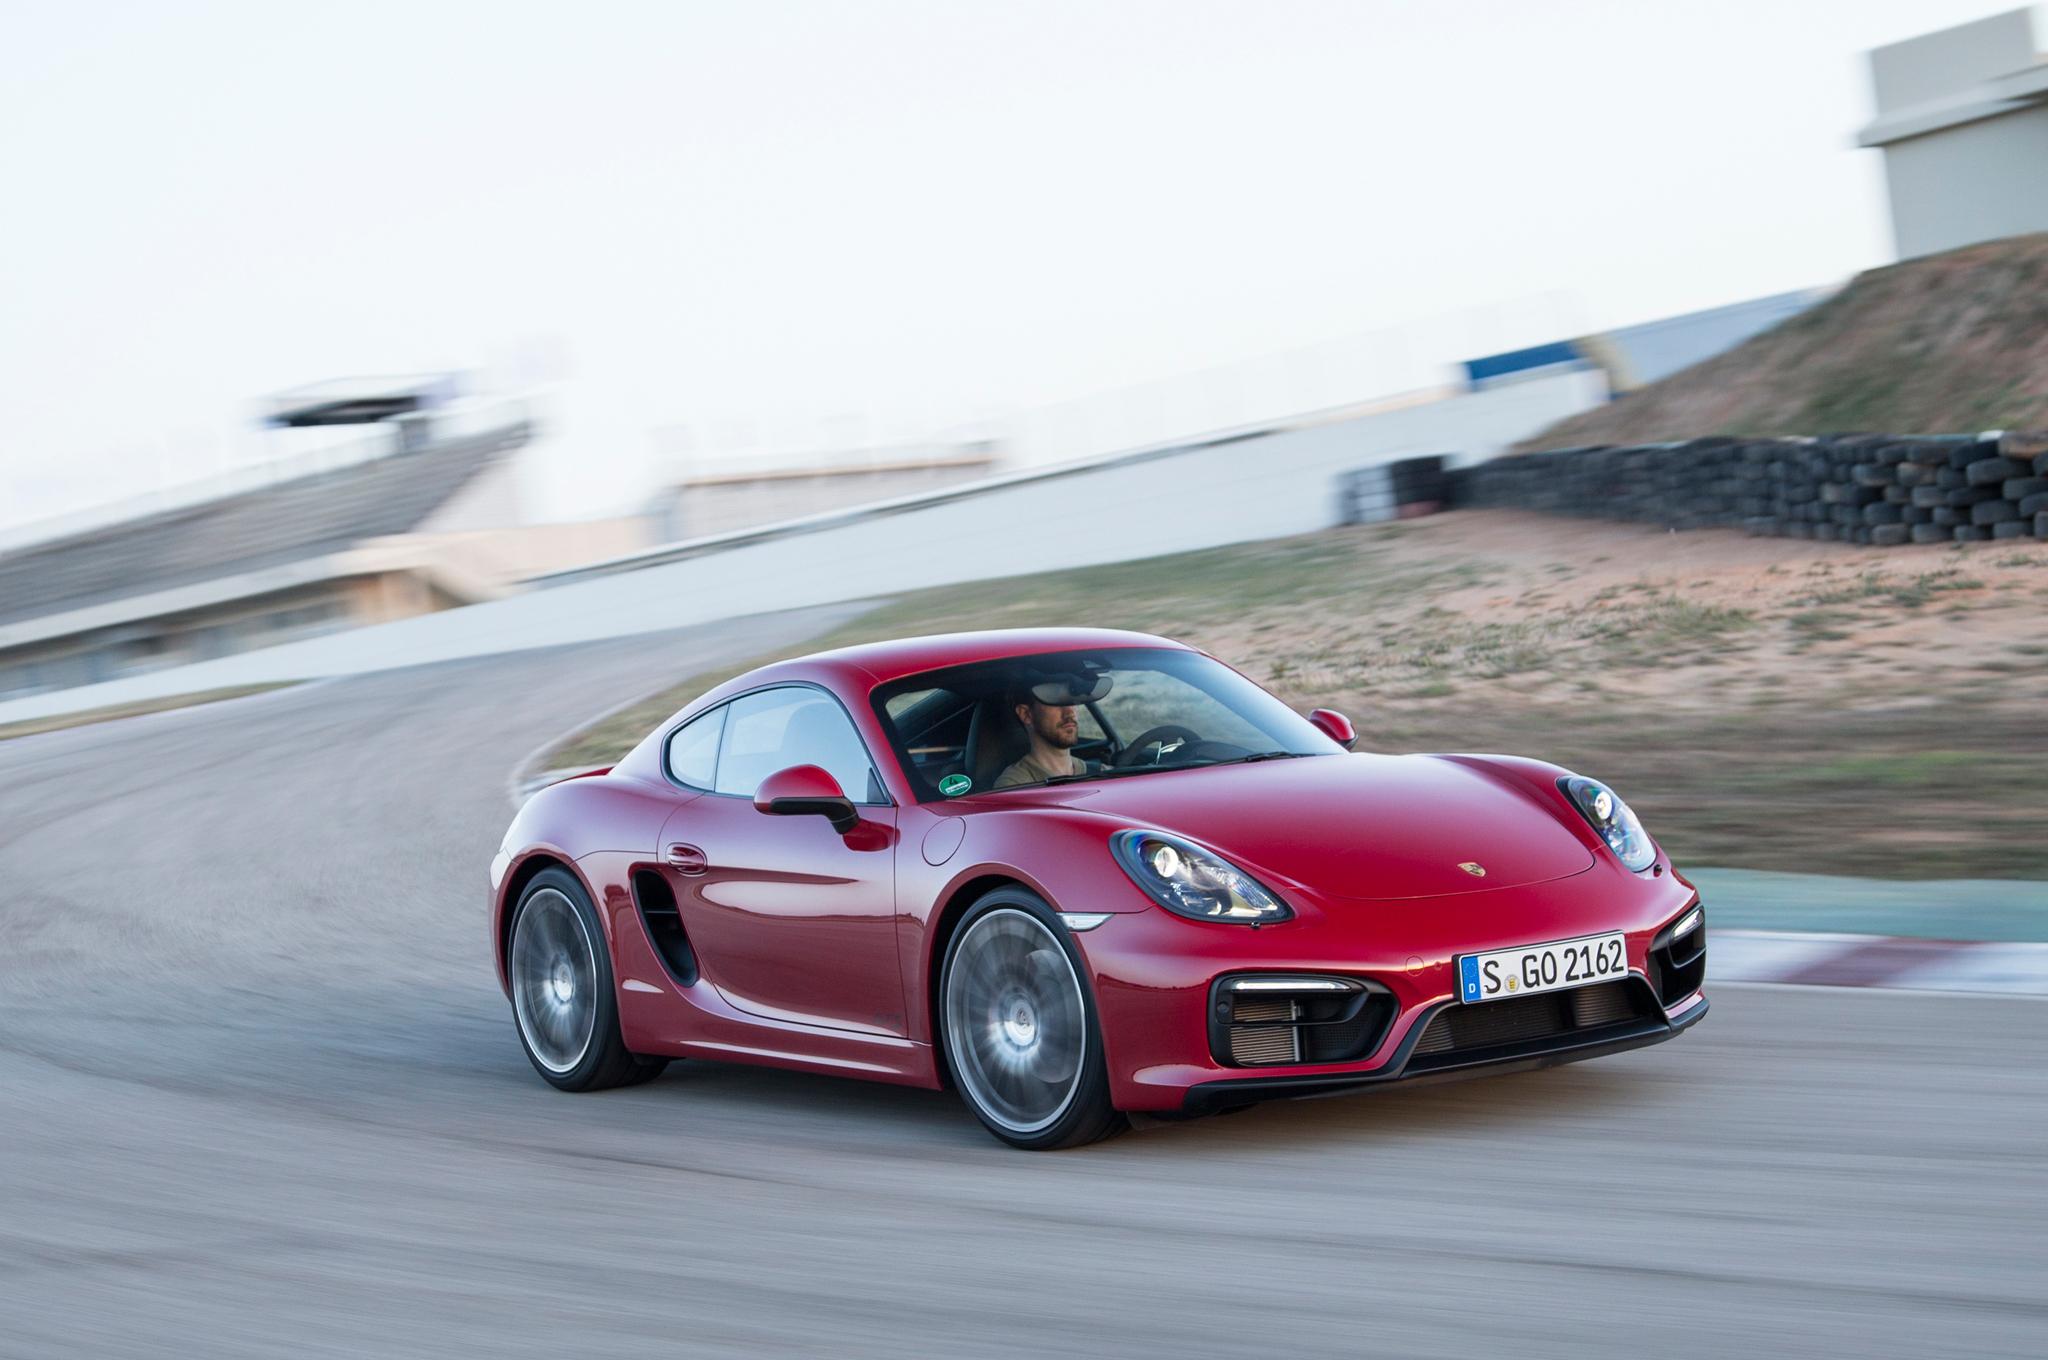 43+] Porsche Cayman Wallpaper High Resolution on WallpaperSafari